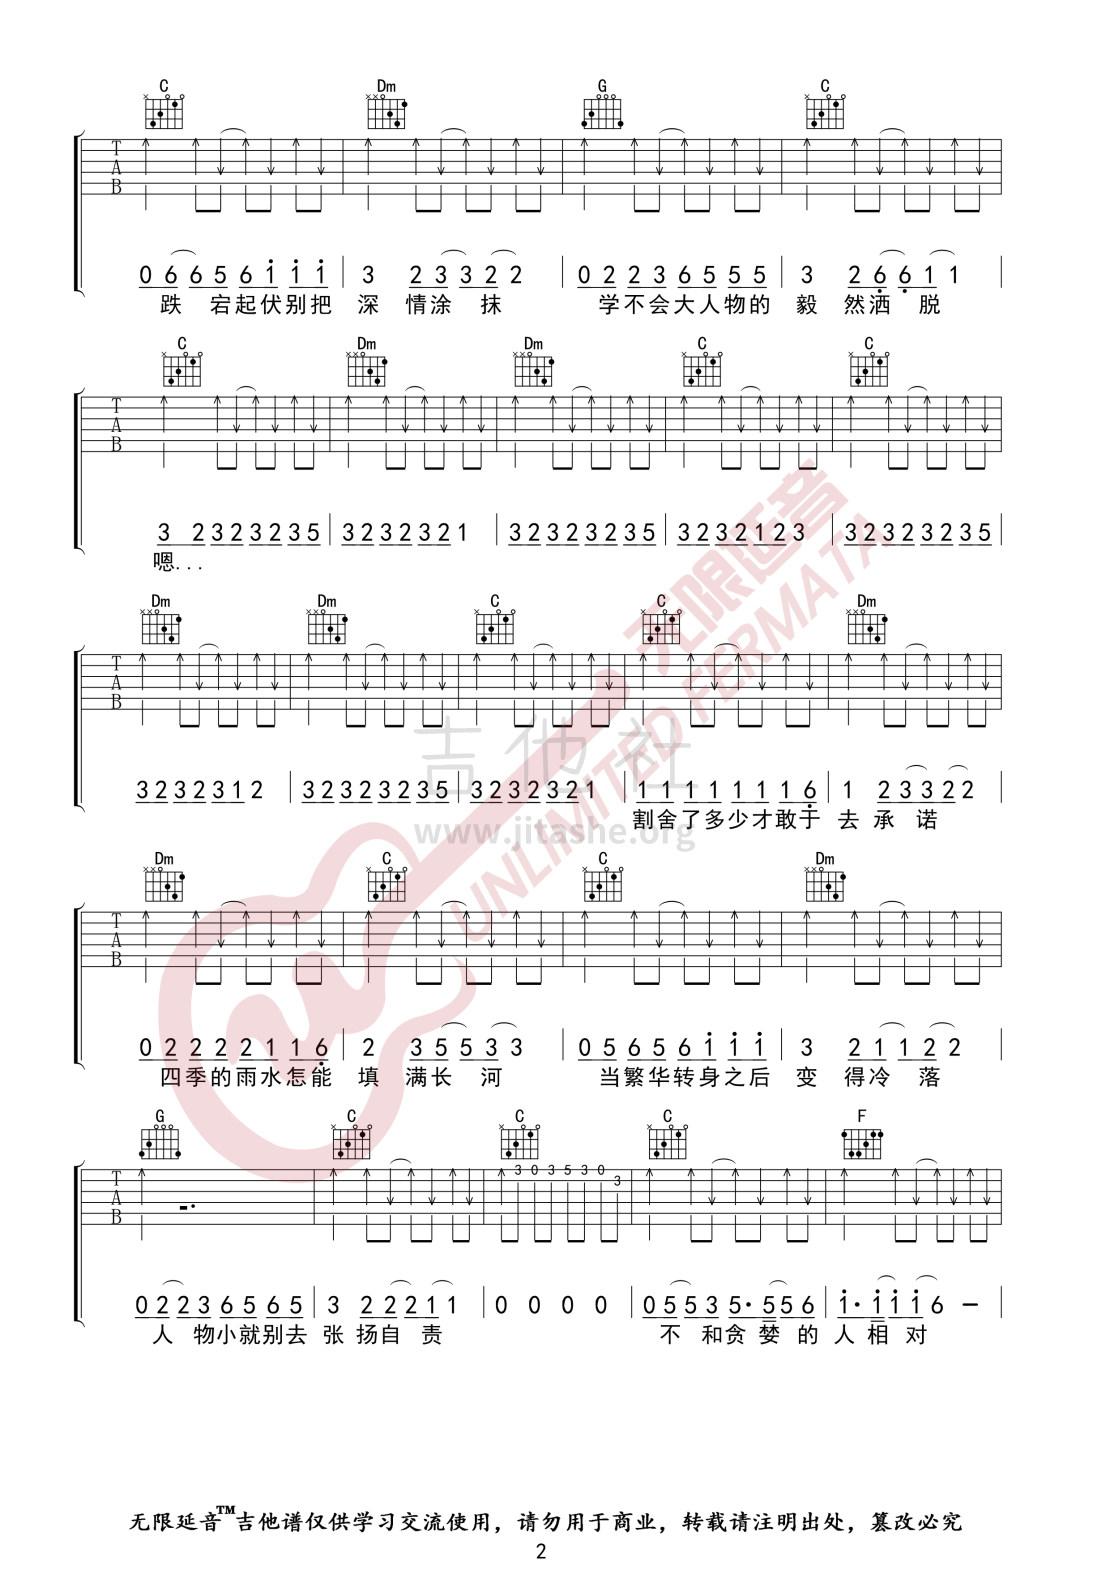 小人物(无限延音编配)吉他谱(图片谱,无限延音编配,弹唱)_赵雷(雷子)_小人物02.jpg